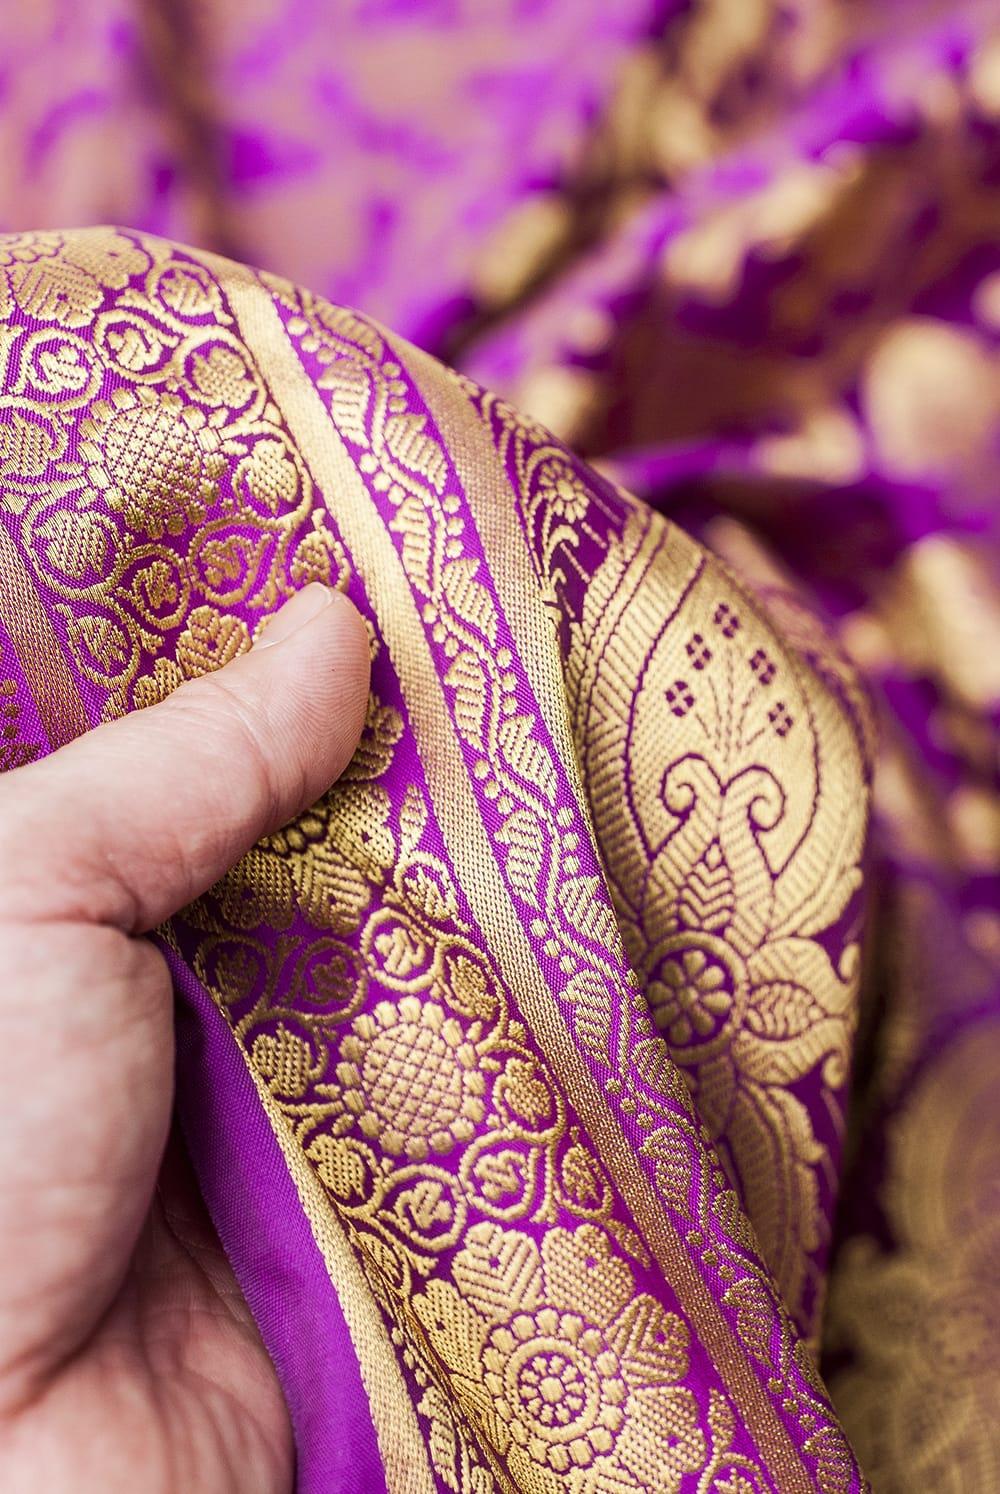 (大判)金色刺繍のデコレーション布 - 唐草・パープル 6 - 手でもってみたところです。光沢生地と金色の刺繍がとっても良い組み合わせです。